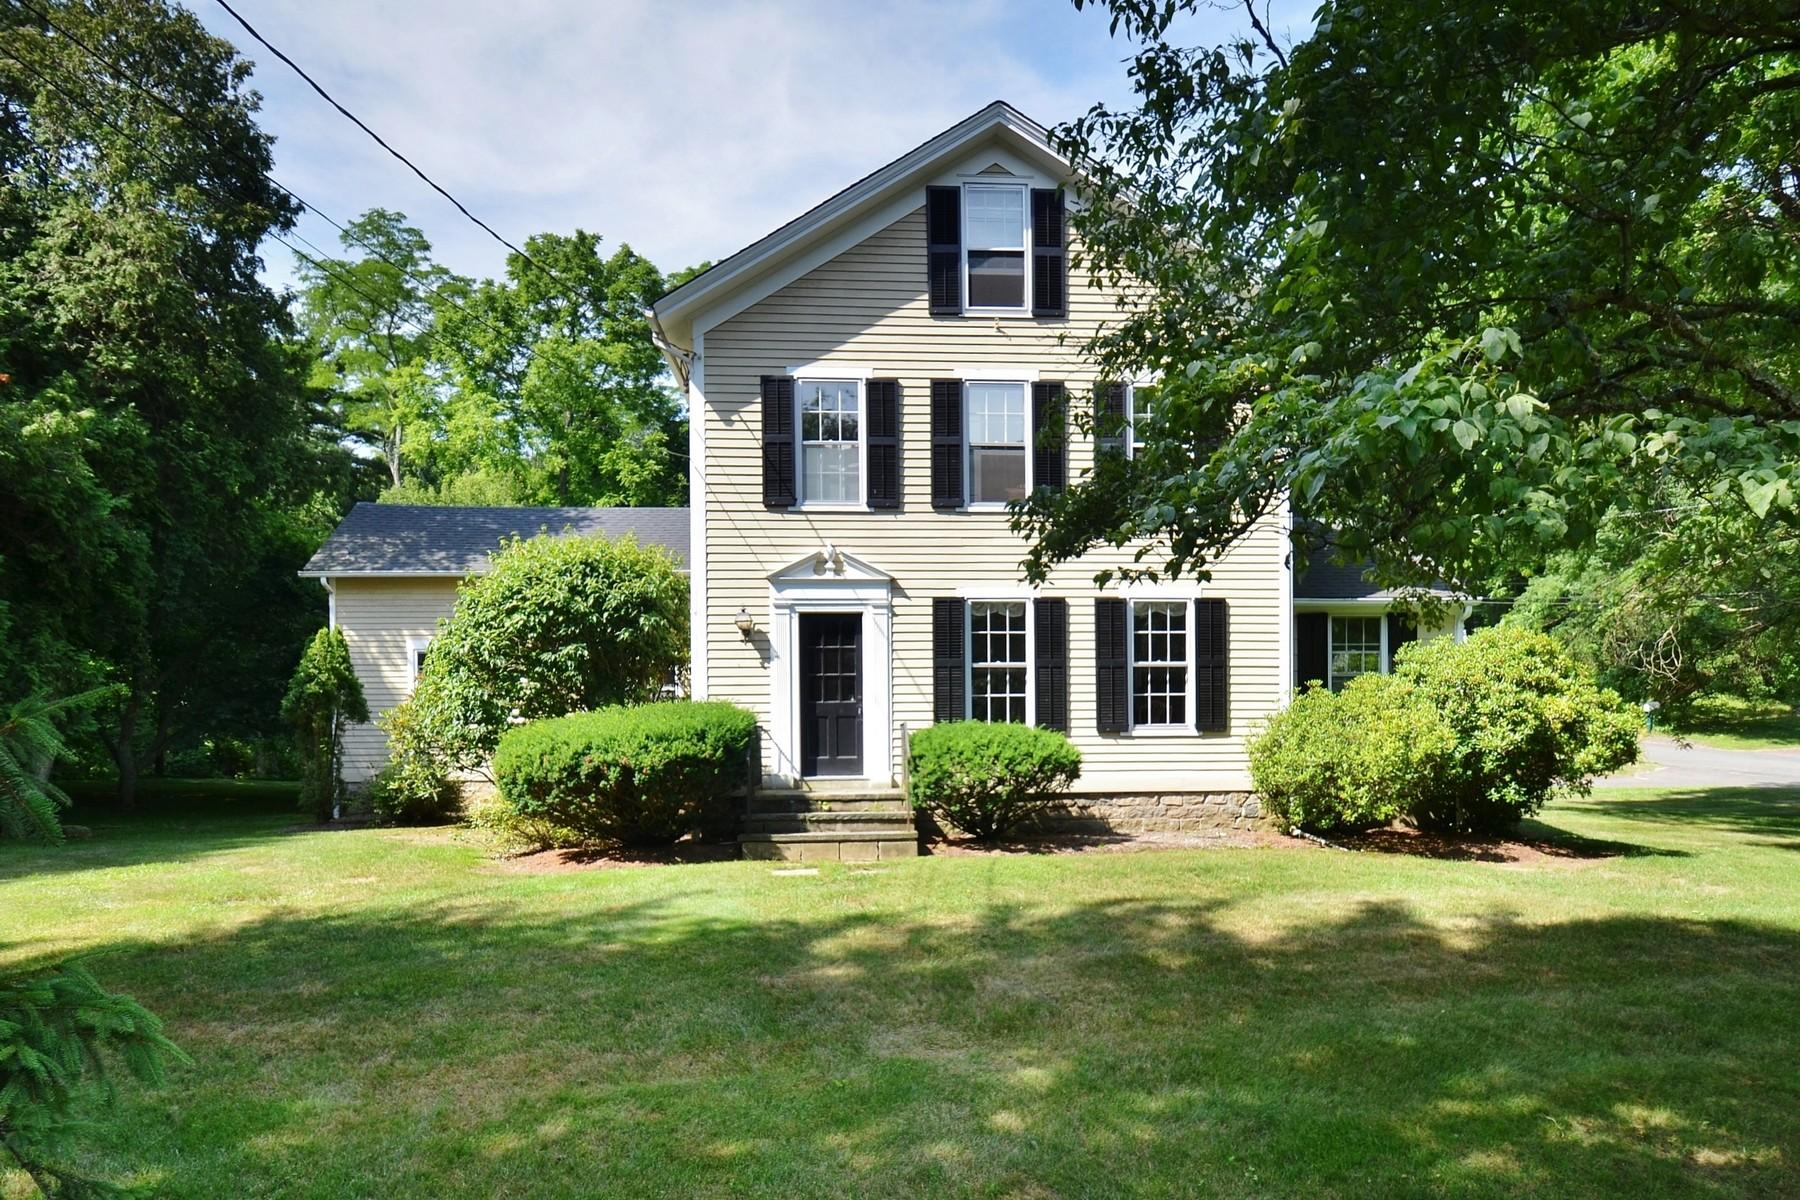 独户住宅 为 销售 在 Well Maintained Antique Stephen Starkey Home 36 Gates Rd 埃塞克斯, 康涅狄格州, 06426 美国